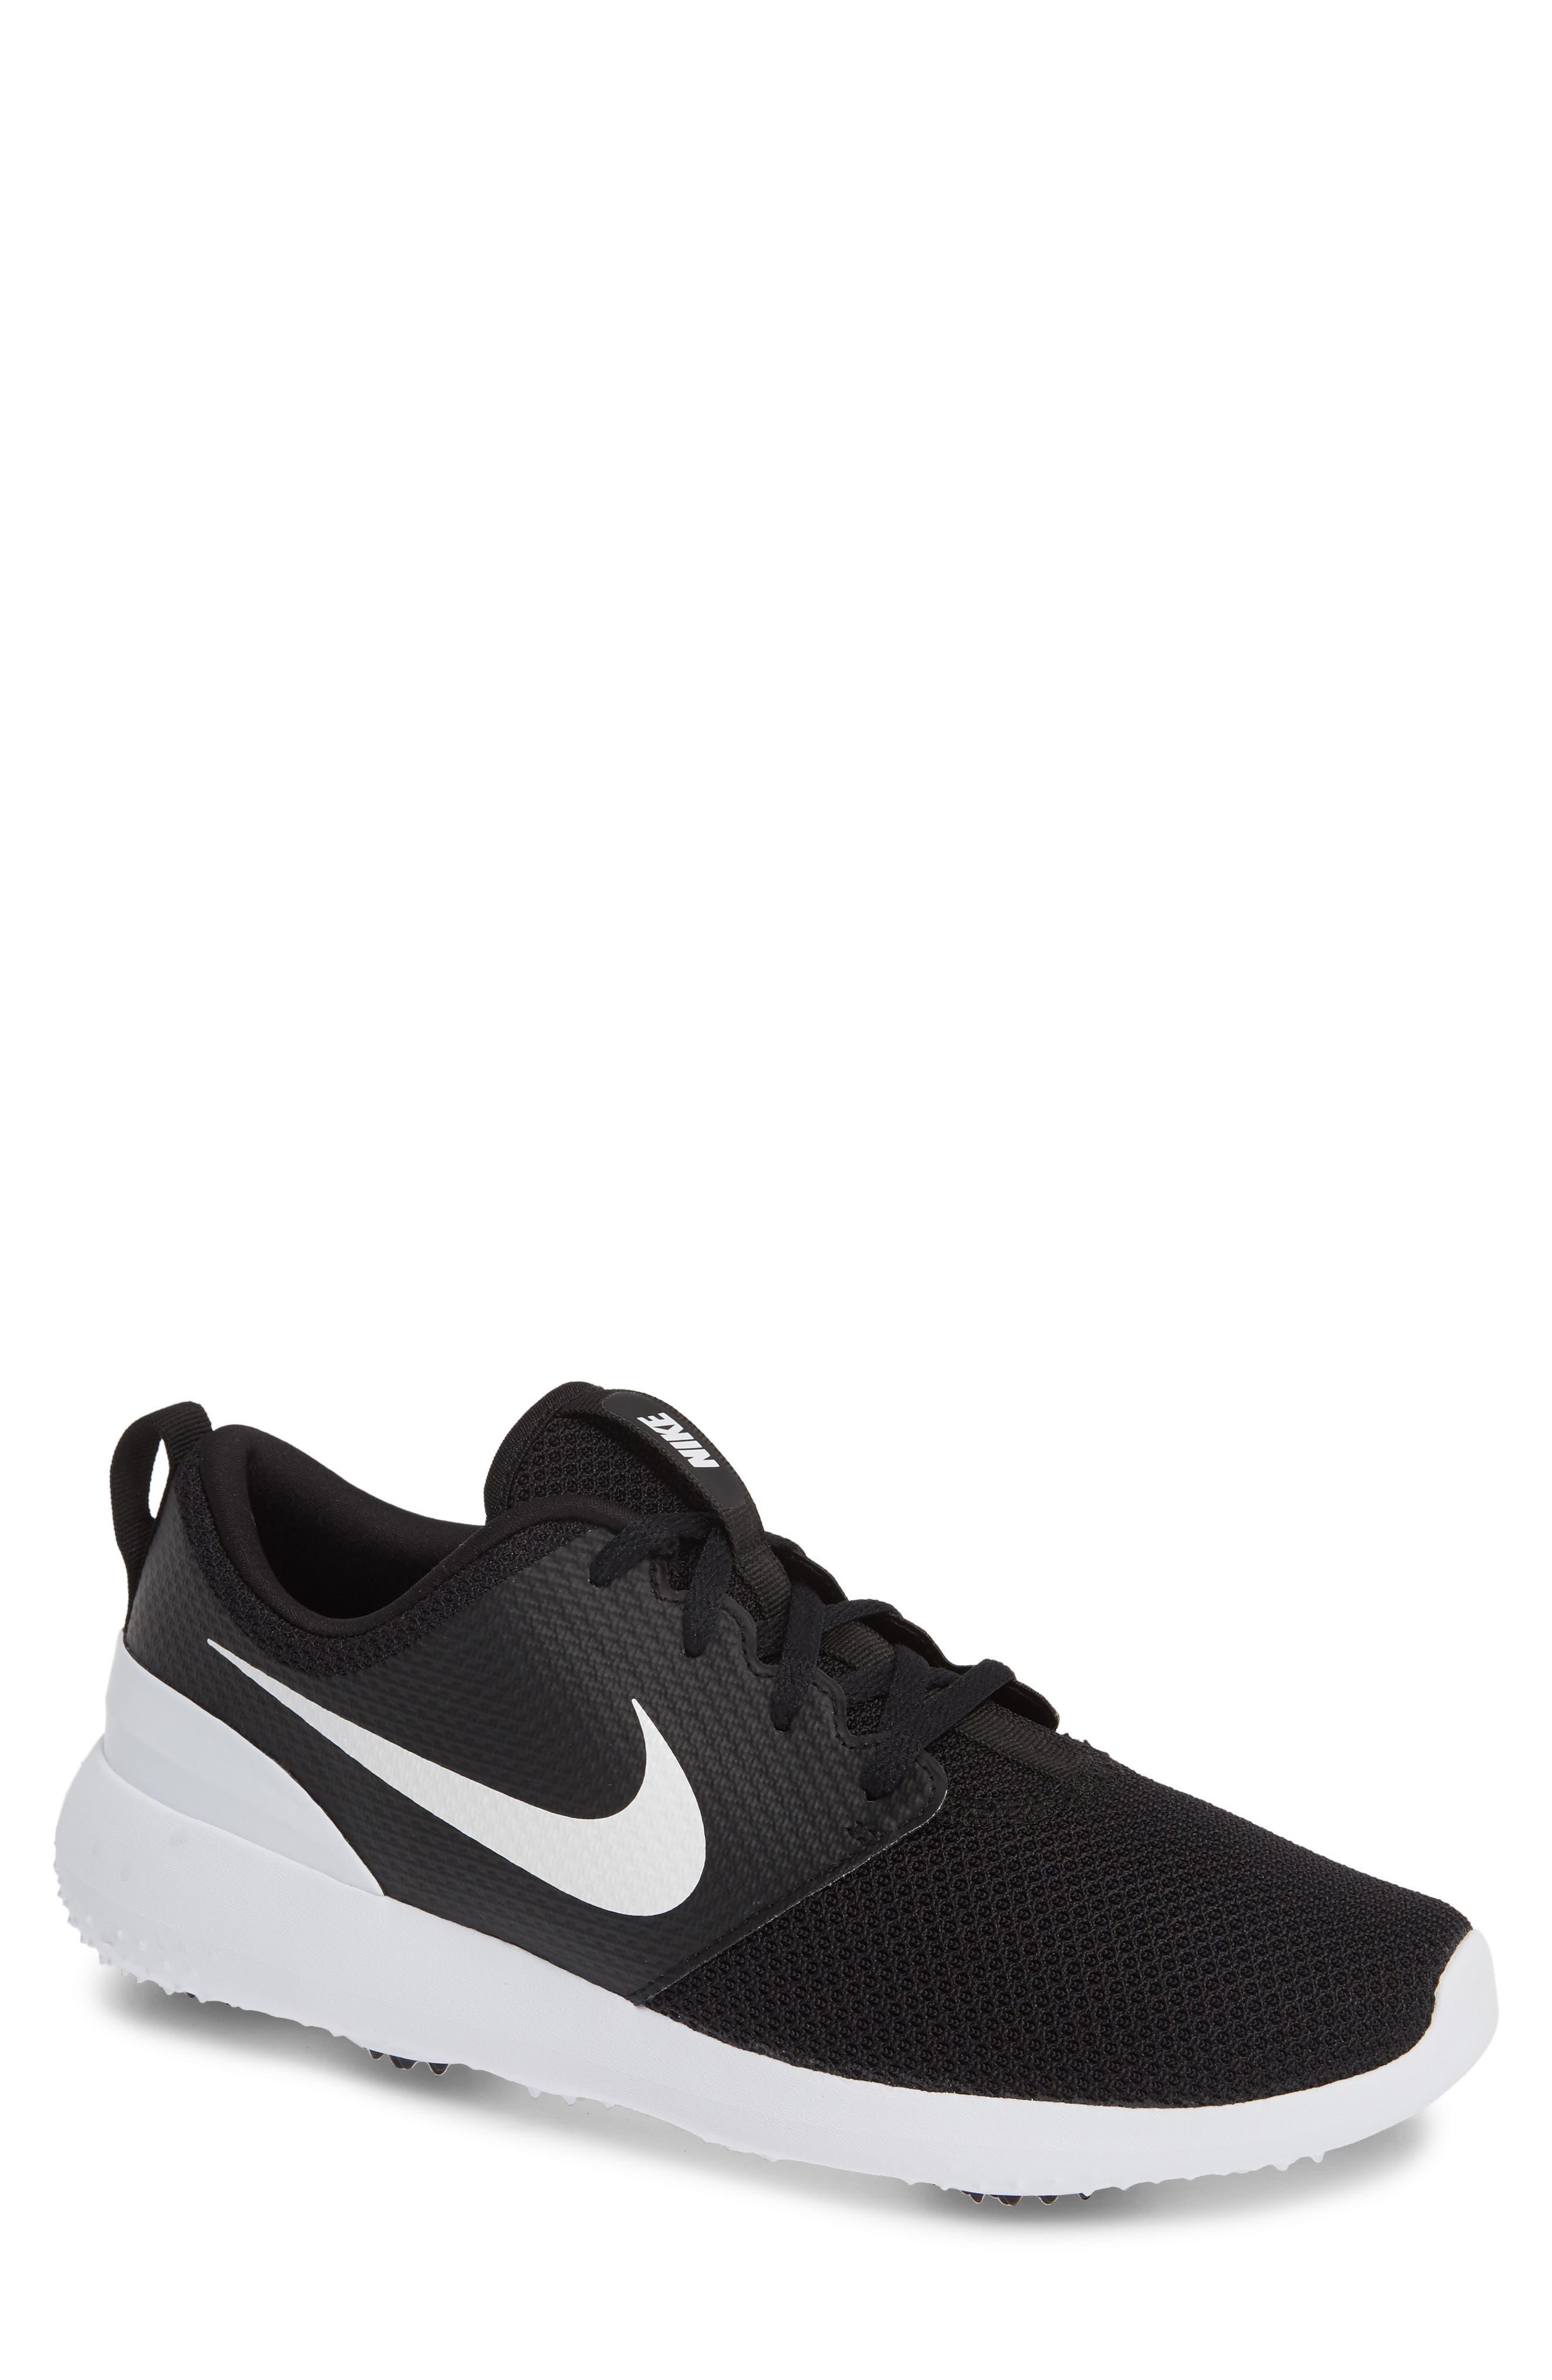 Roshe Golf Shoe, Main, color, BLACK/ WHITE